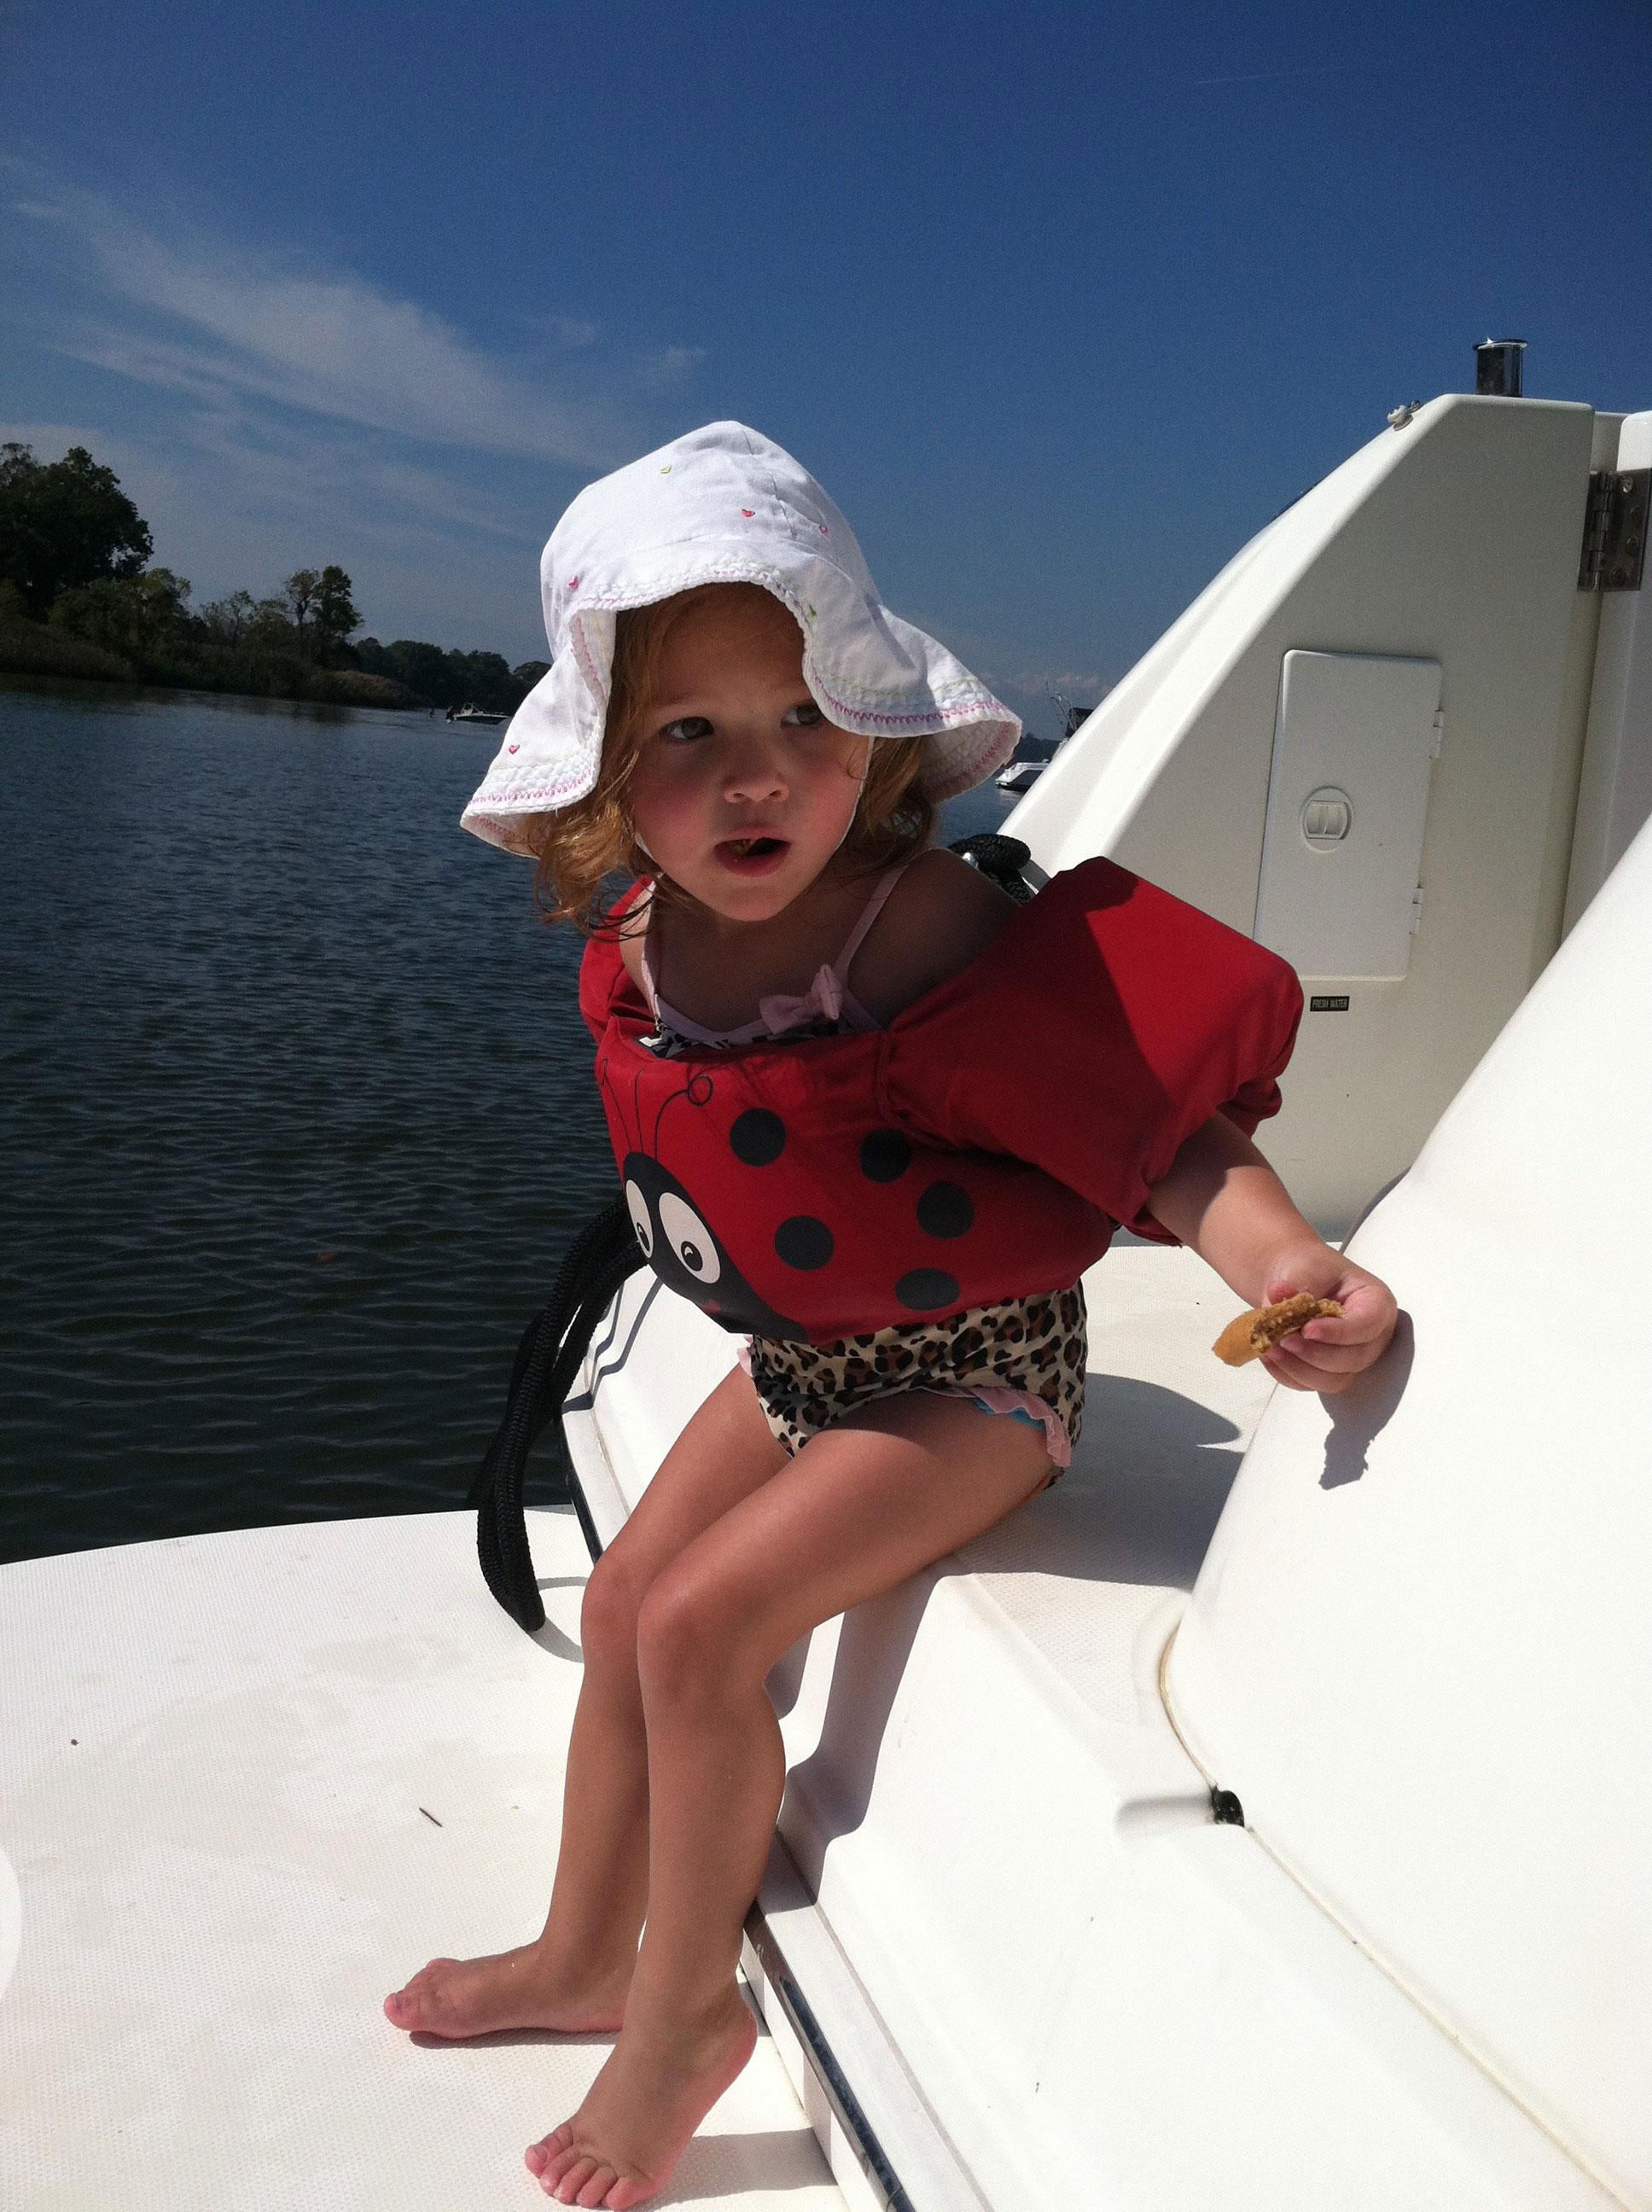 puddle jumper jacket on boat